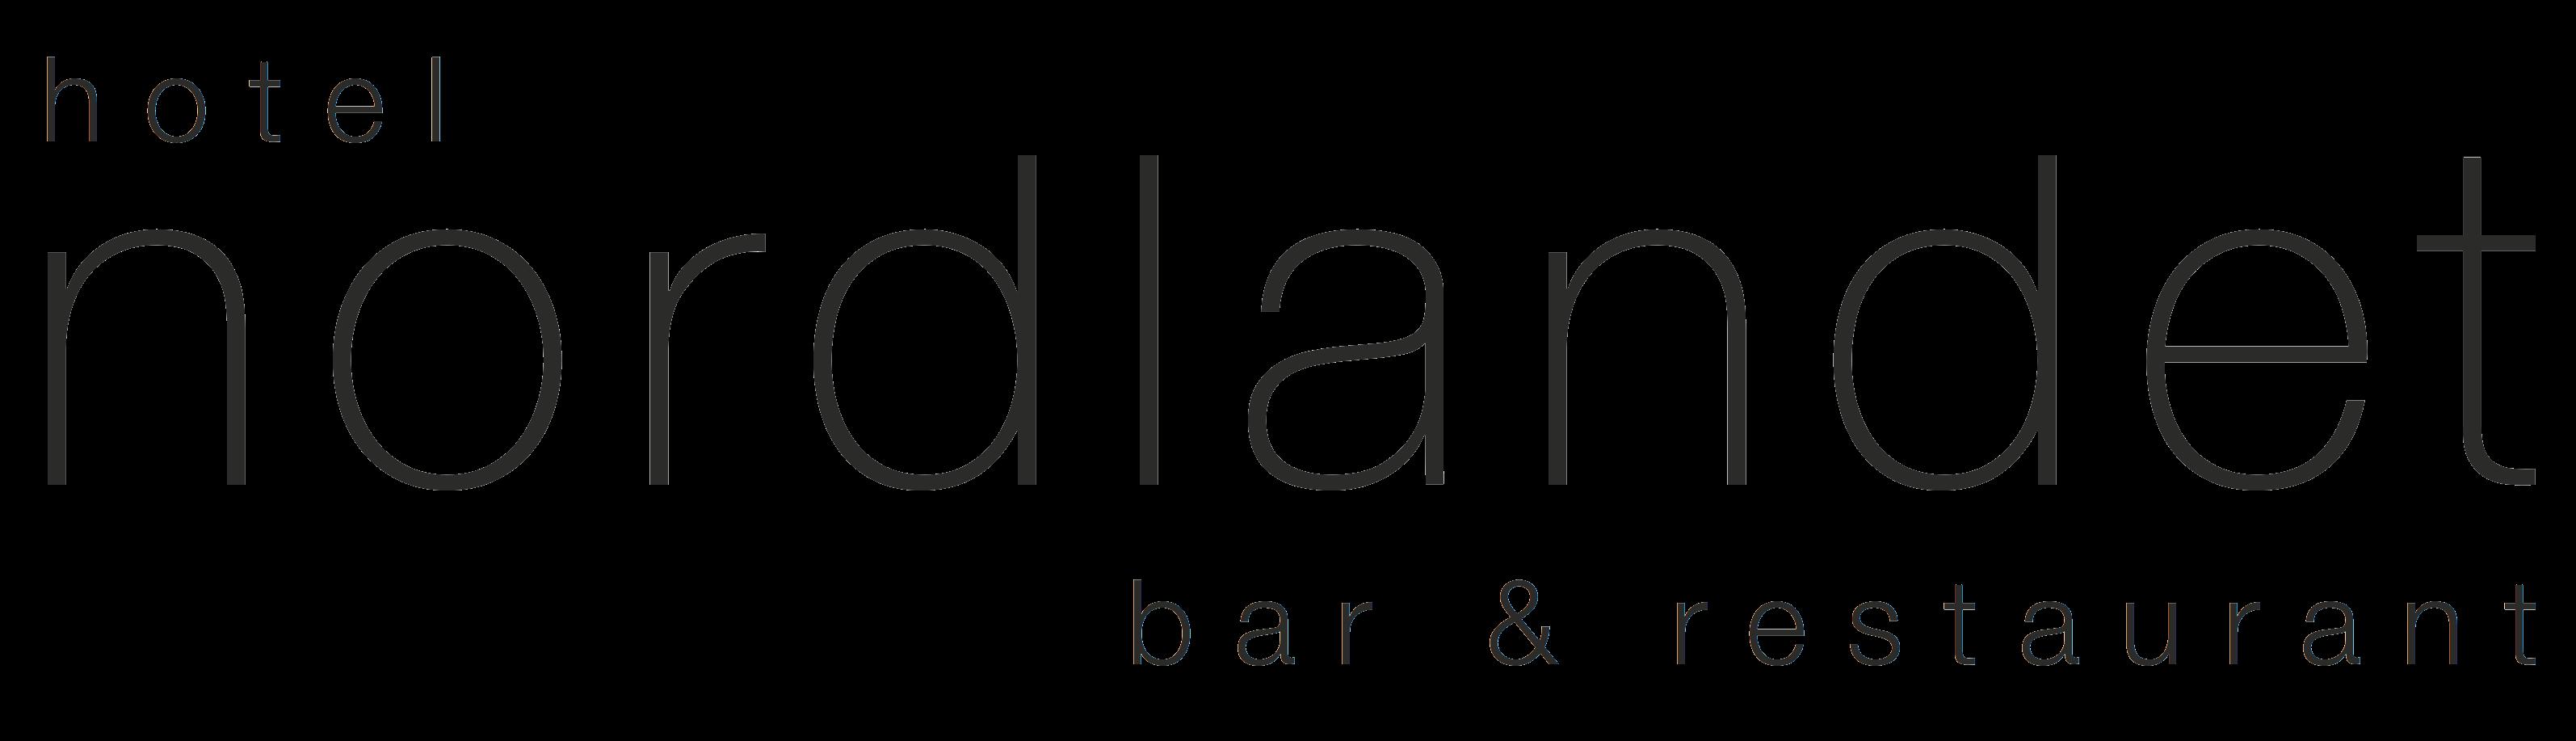 nordlandet-logo-transparent.png